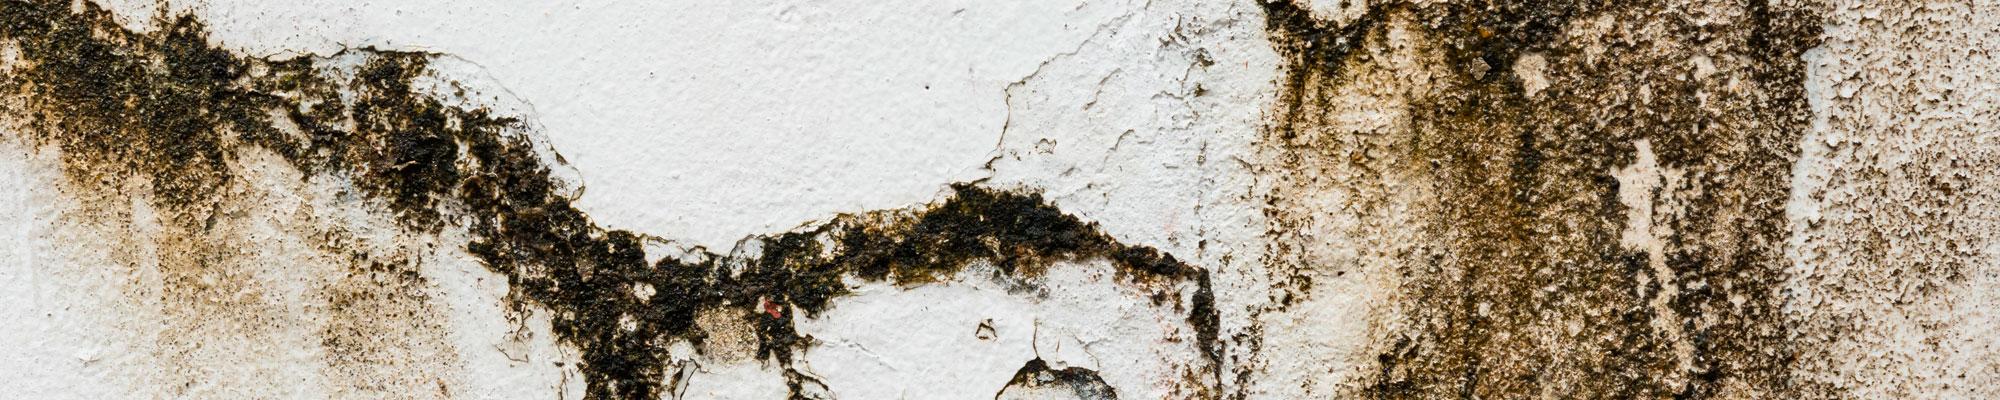 Mauerabdichtung: Von Außen drückendes Wasser, Abdichtung, Mauerwerks Verfestigung, uvm.